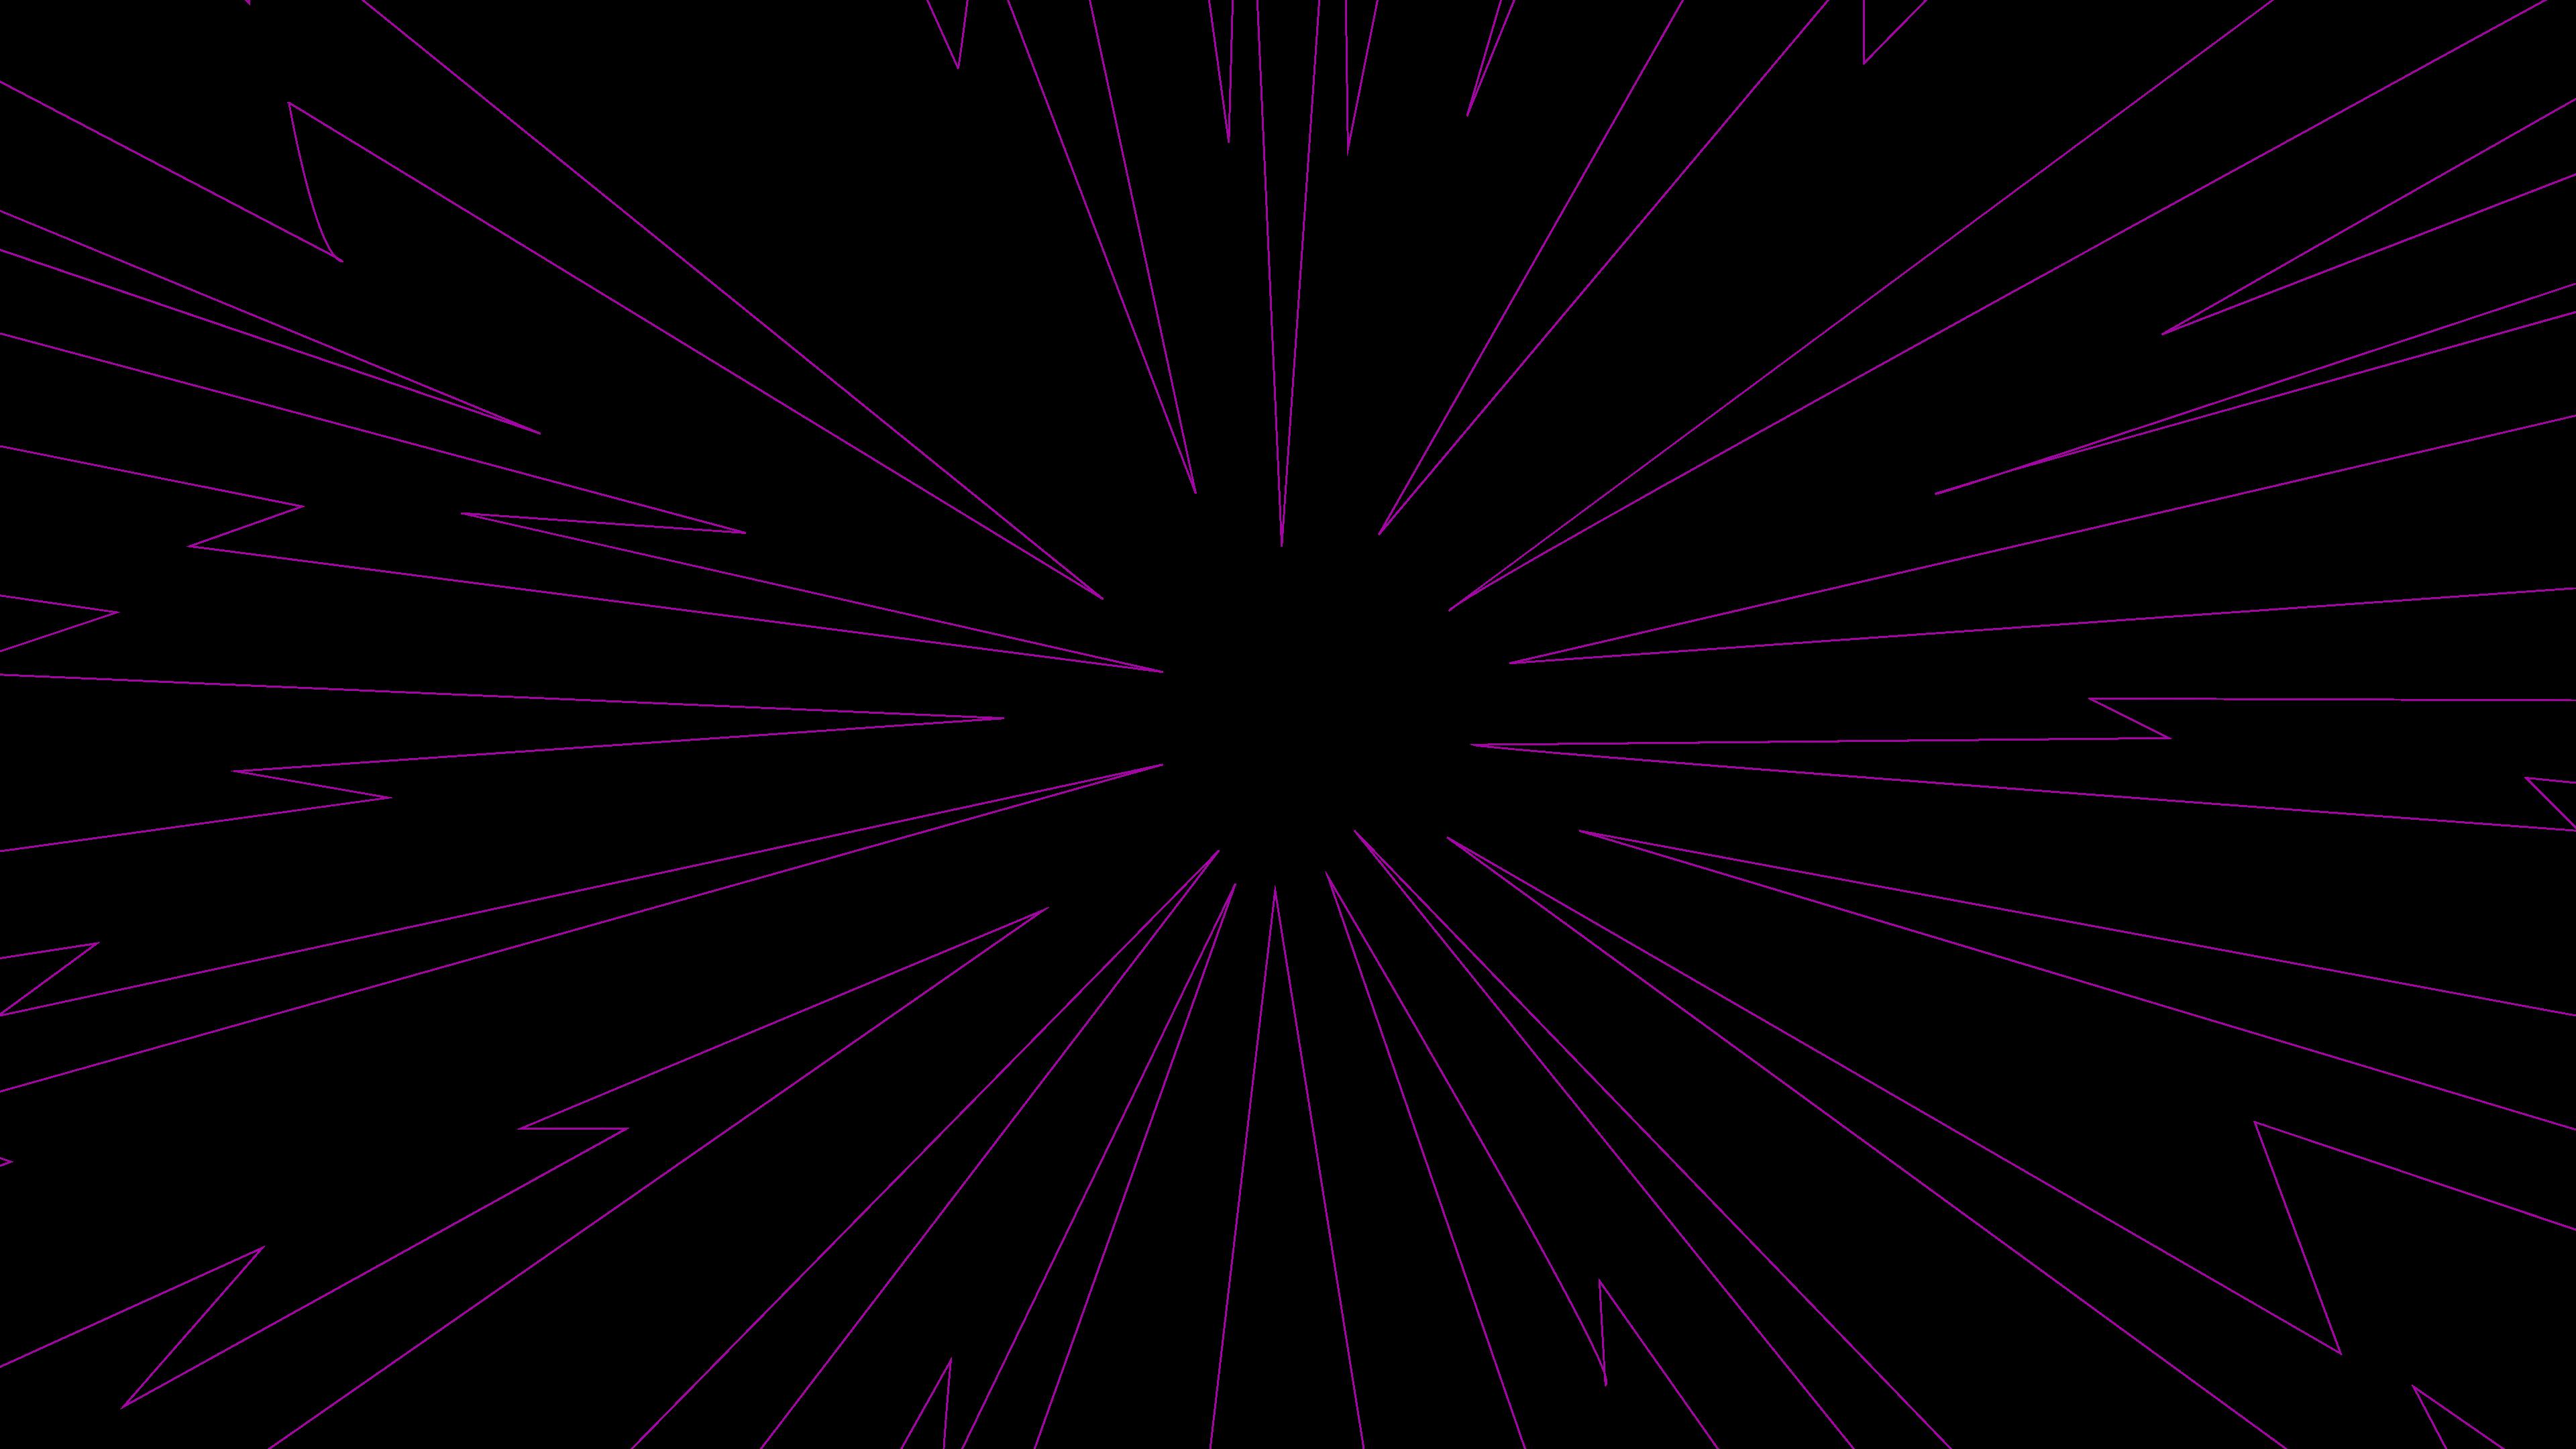 purple-rays